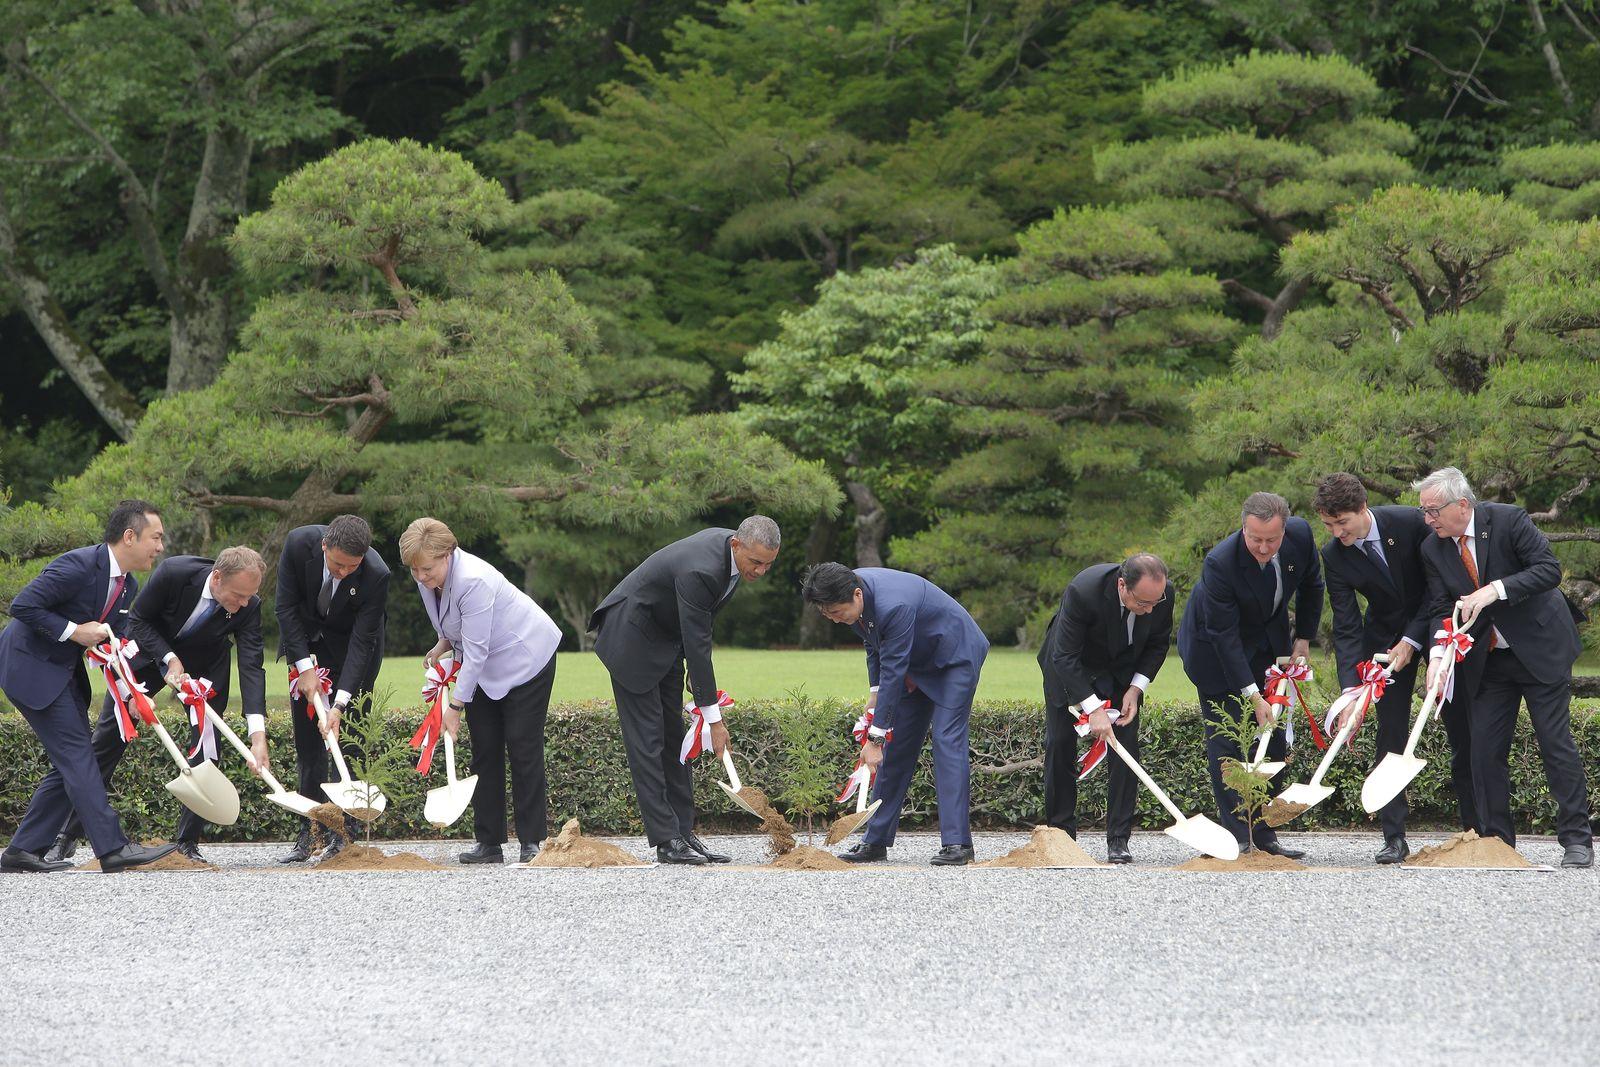 G7 Japan 2016 Ise-Shima - Day 1